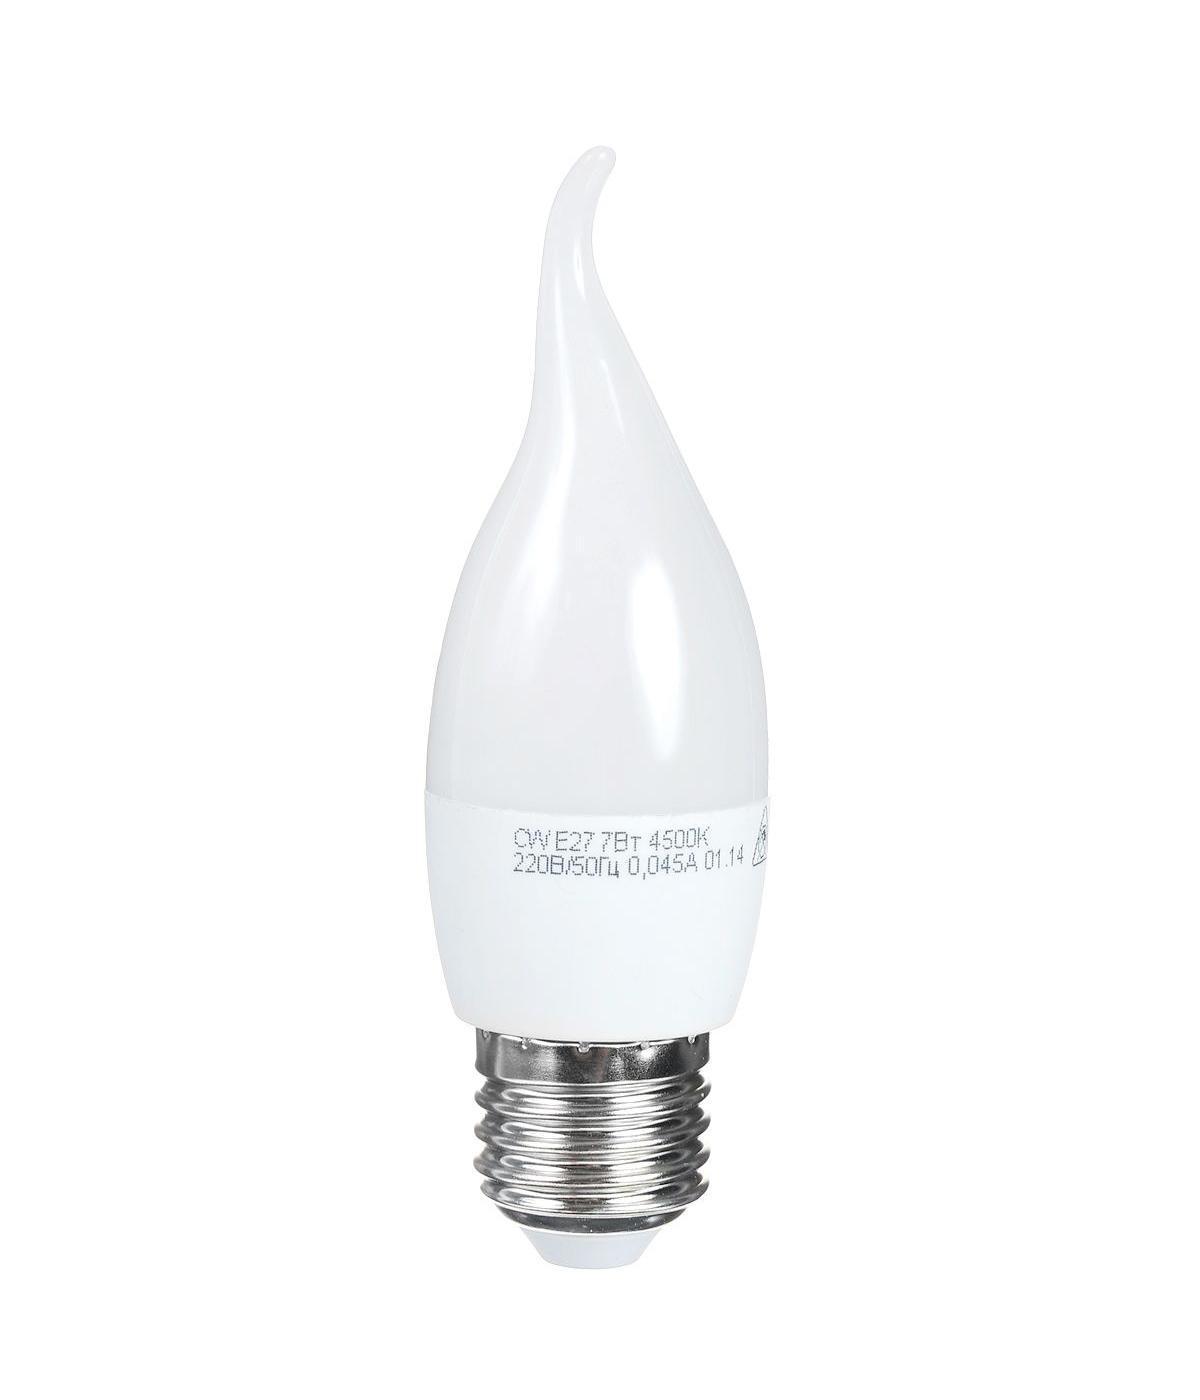 Светодиодная лампа Kosmos, белый свет, цоколь E27, 7W, 220V. Lksm_LED7wCWE2745